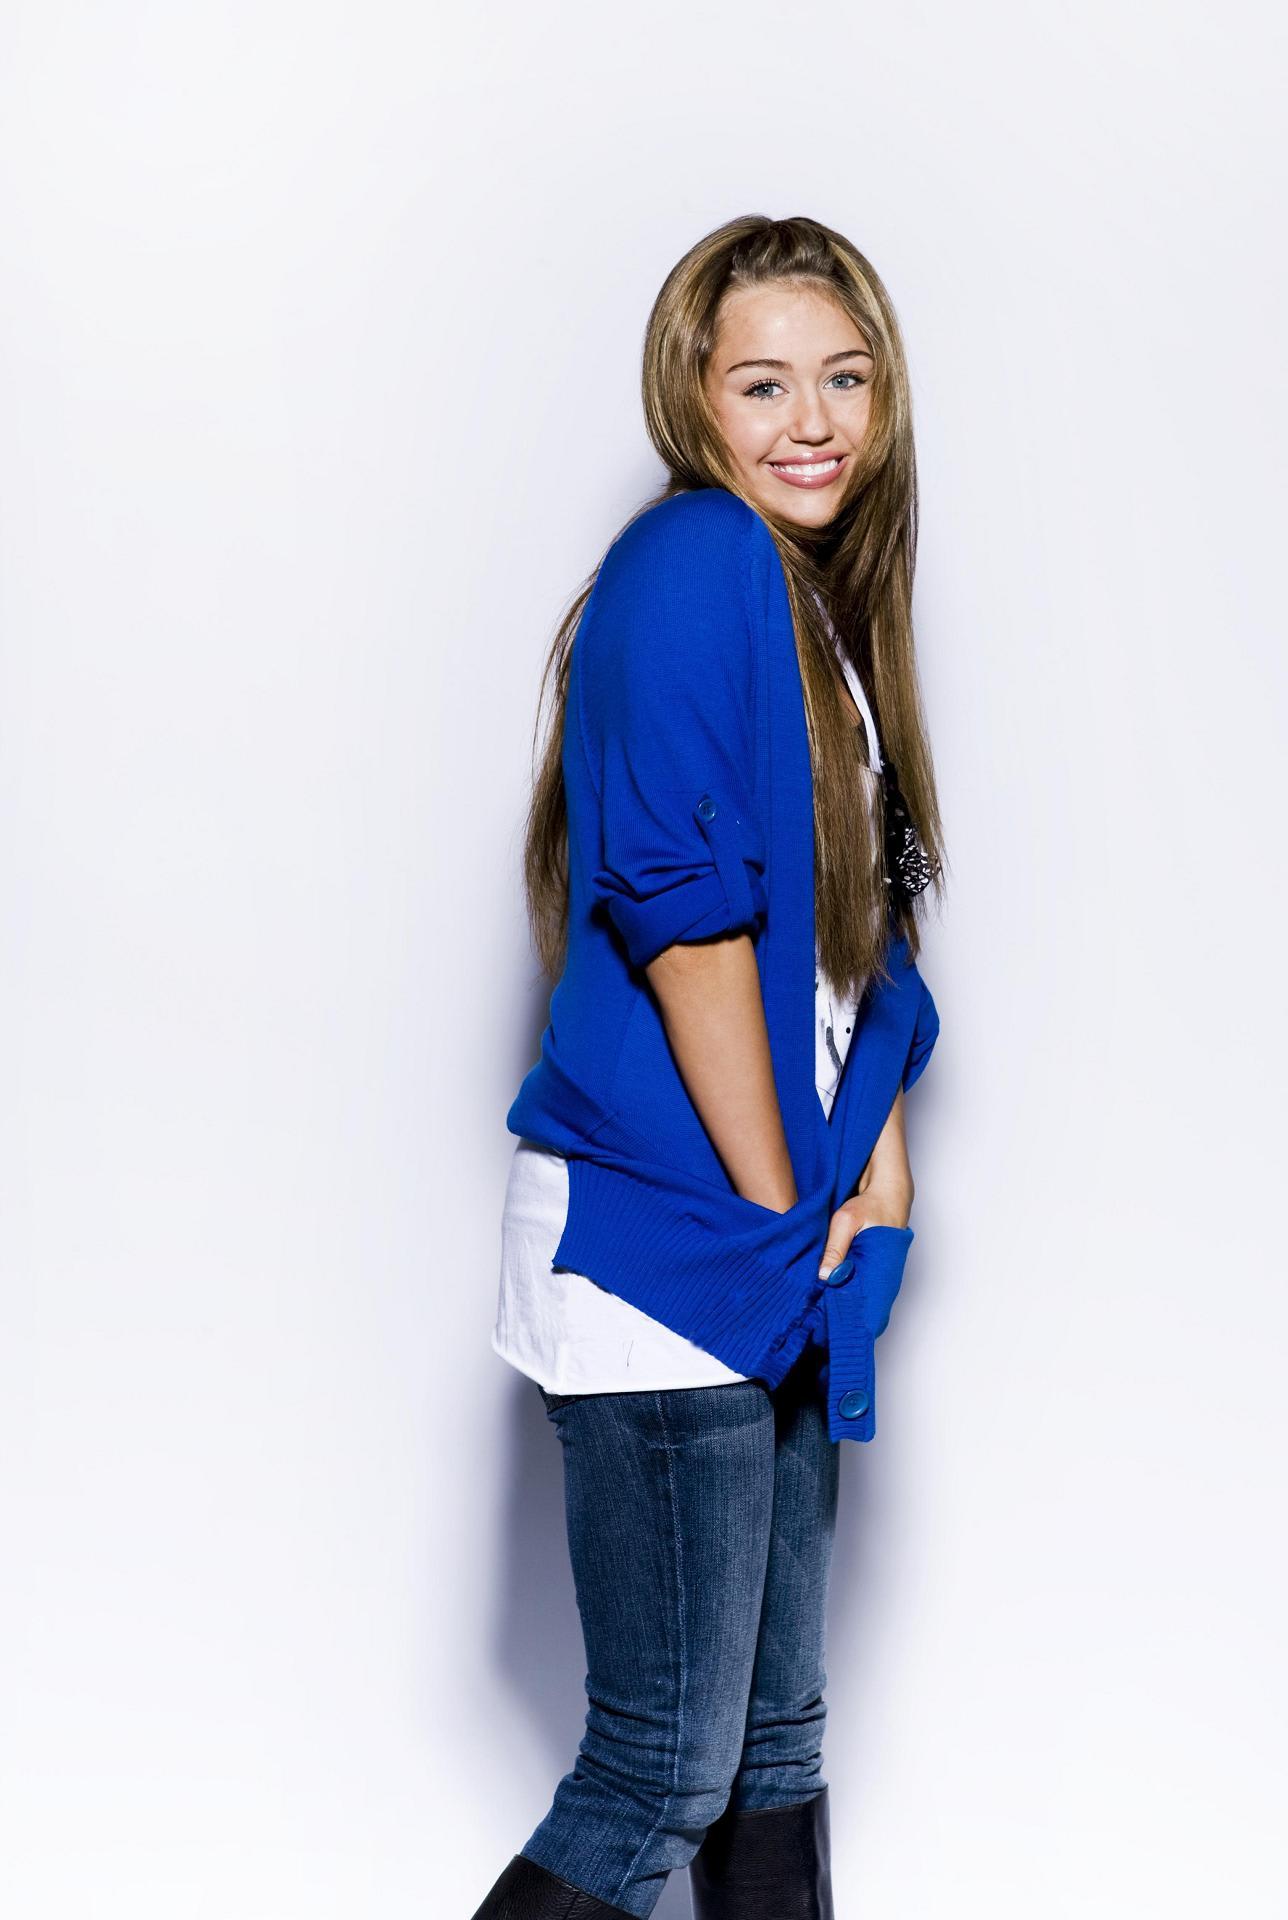 Miley Cyrus AOL Music